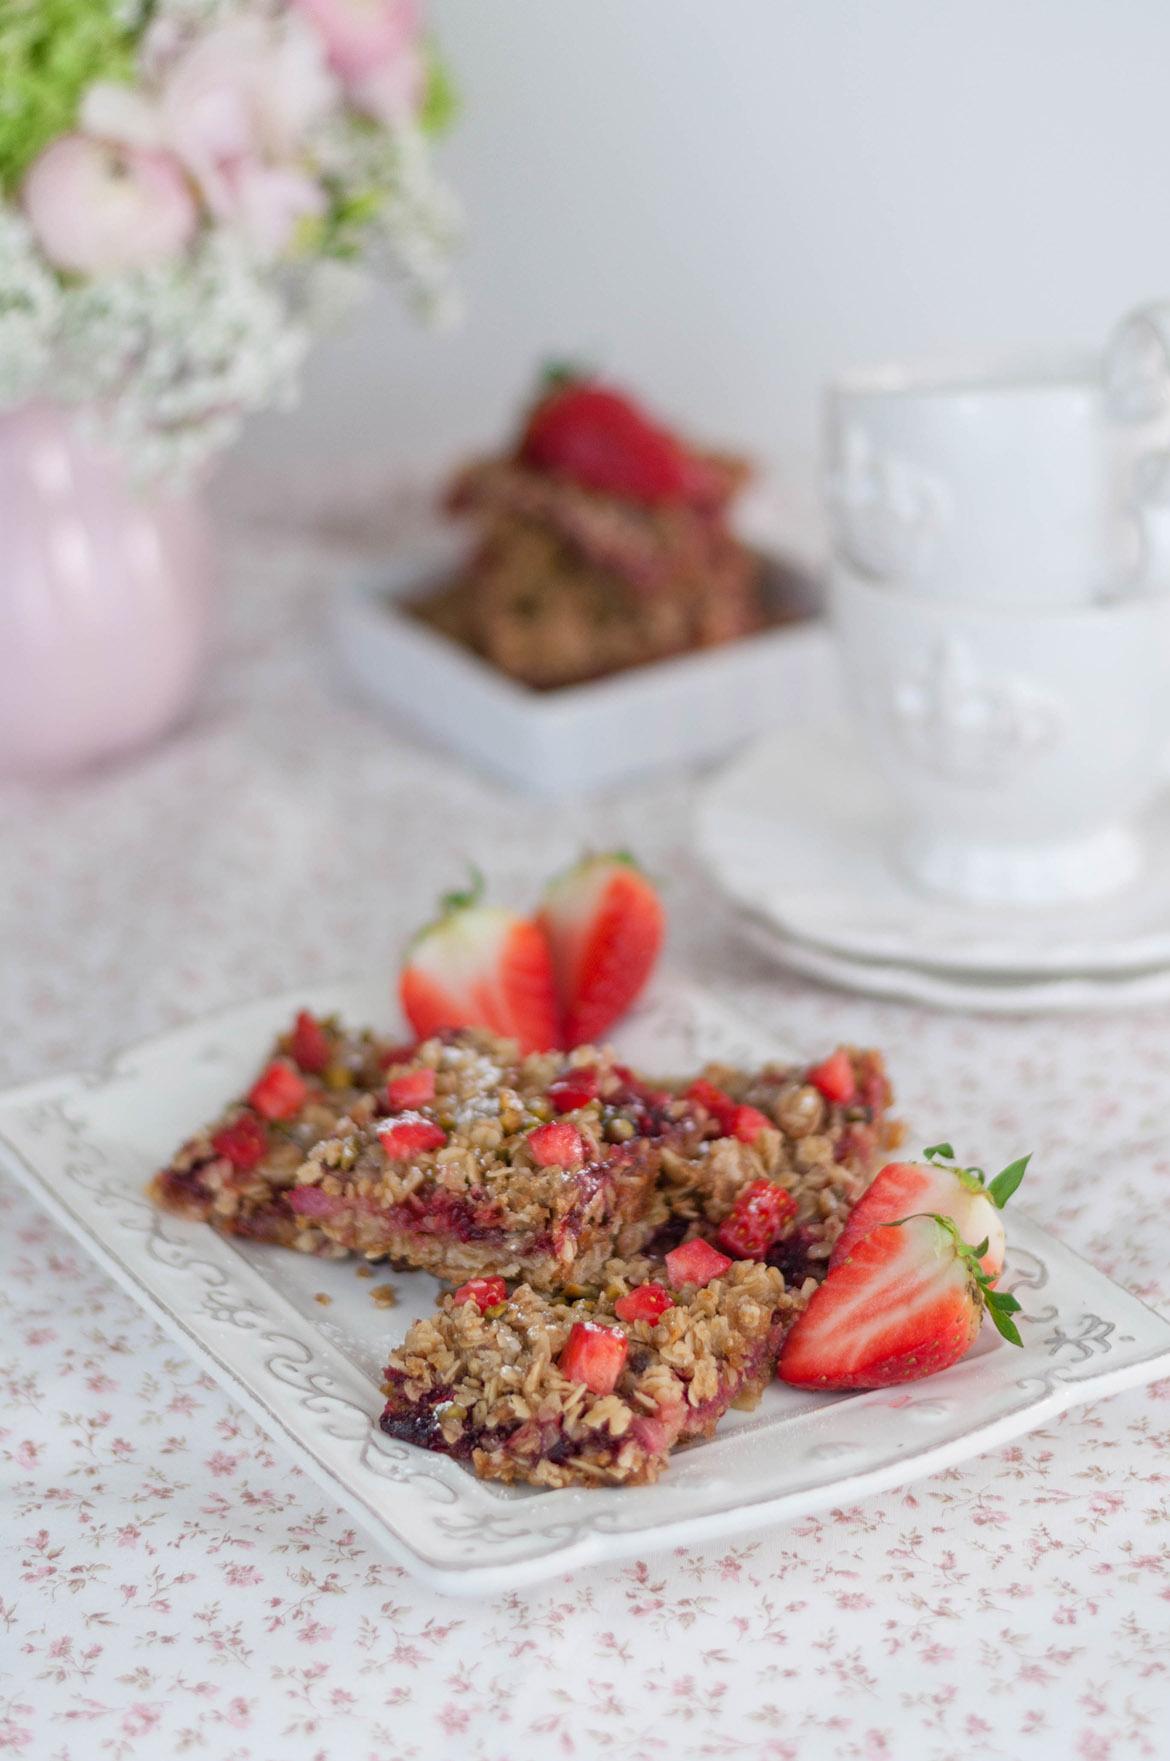 Erdbeer-Haferflocken-Schnitten